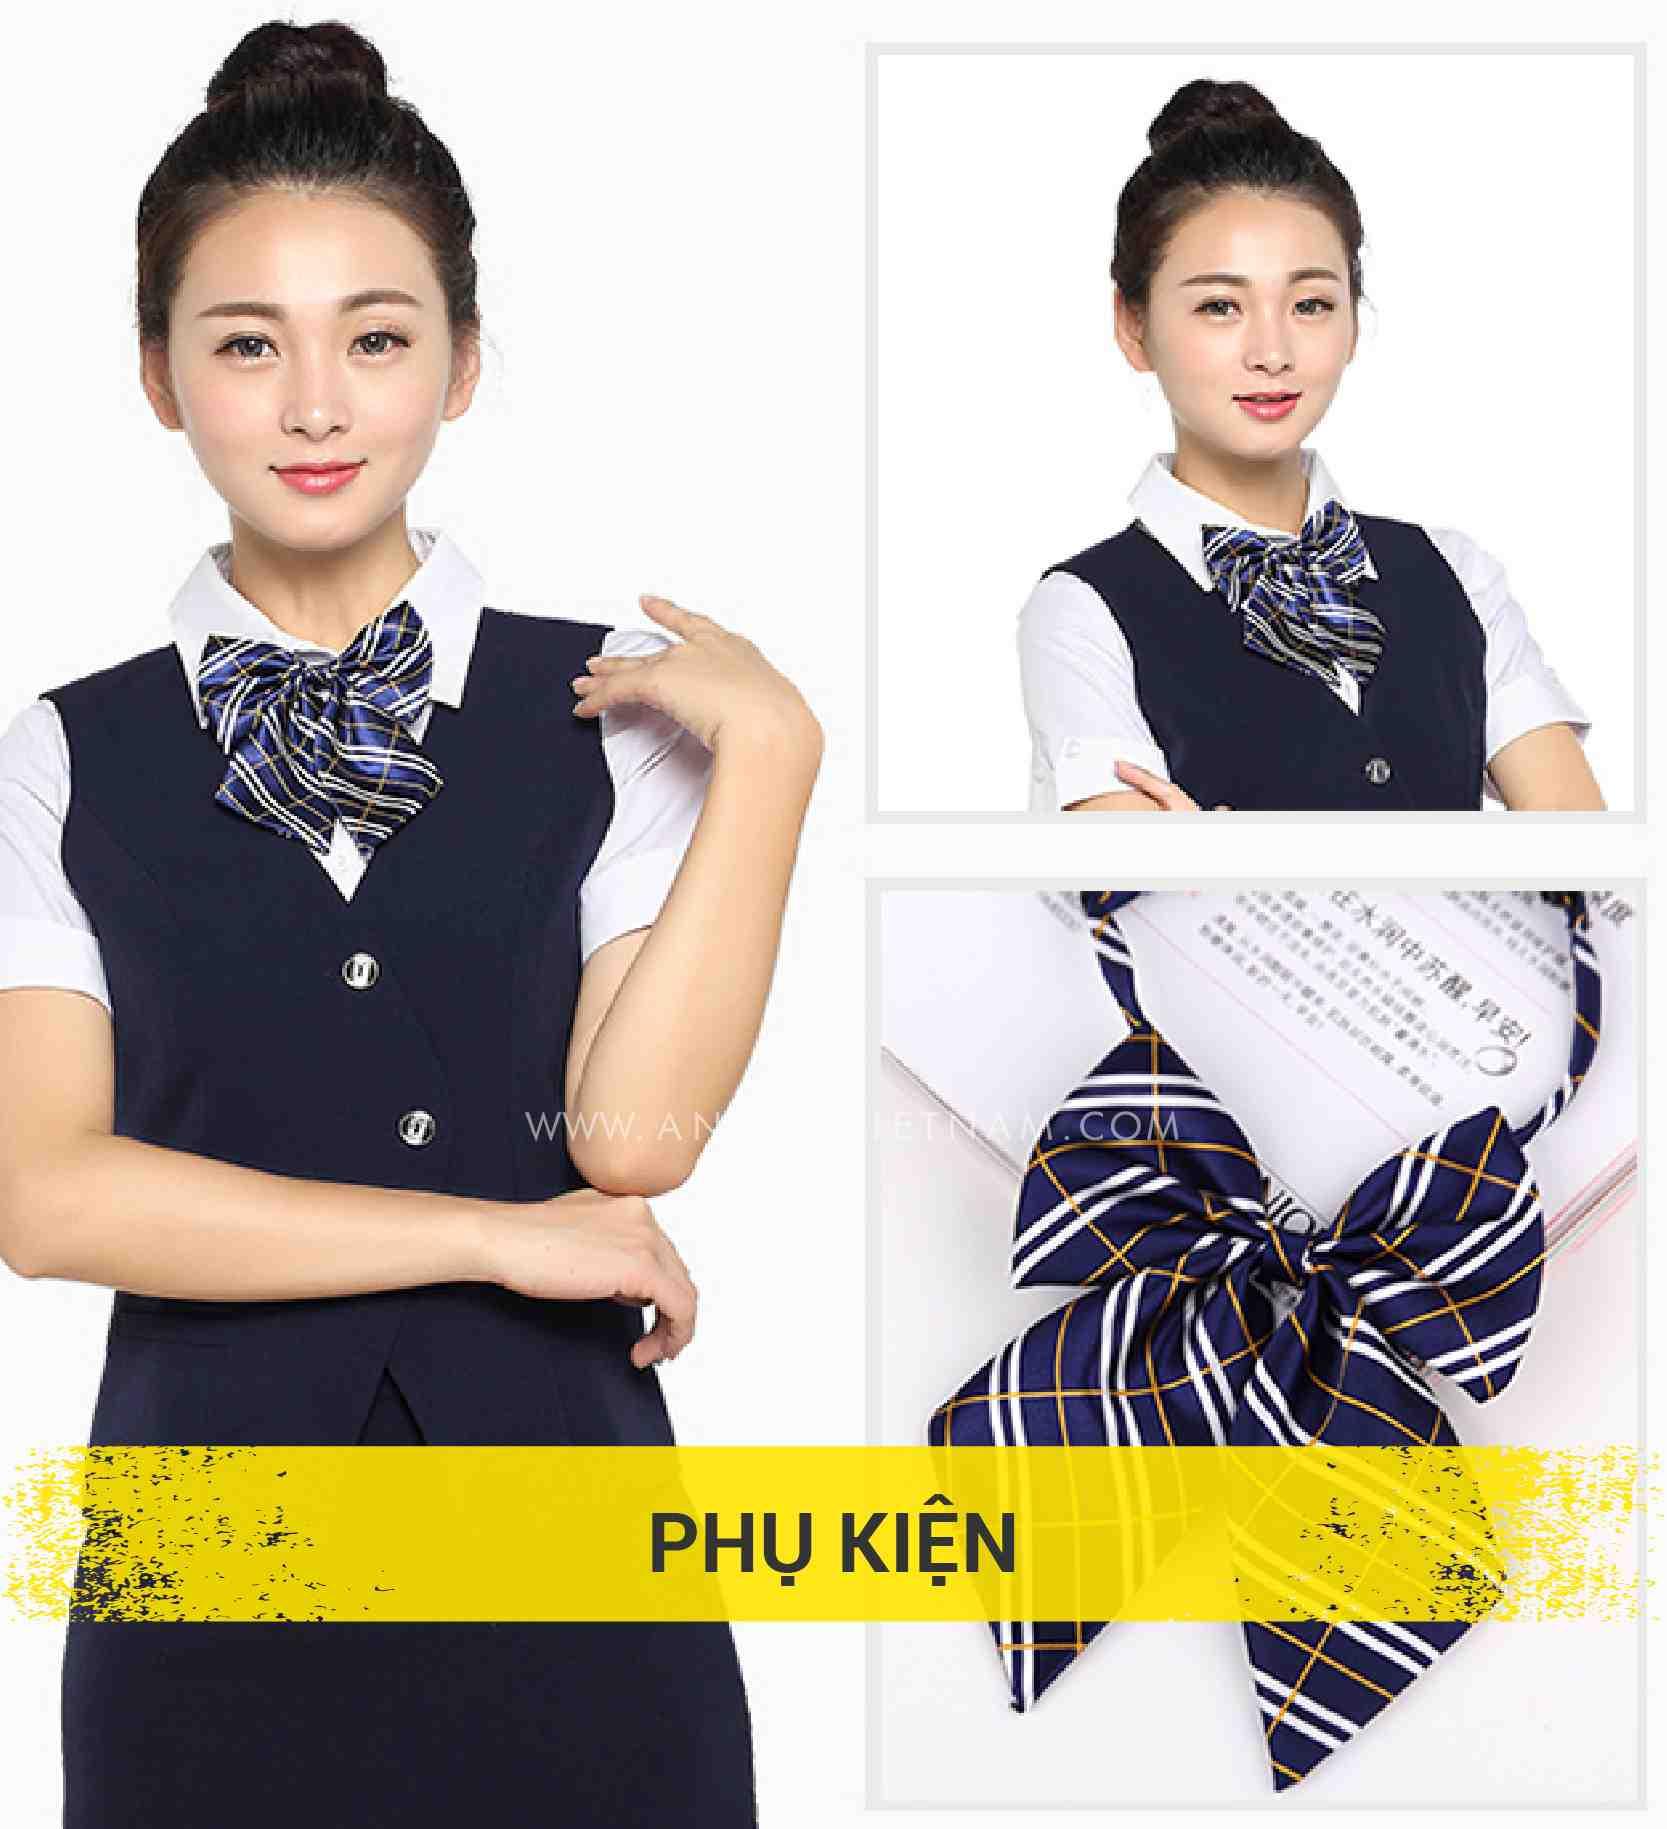 phu-kien Danh mục sản phẩm theo ngành